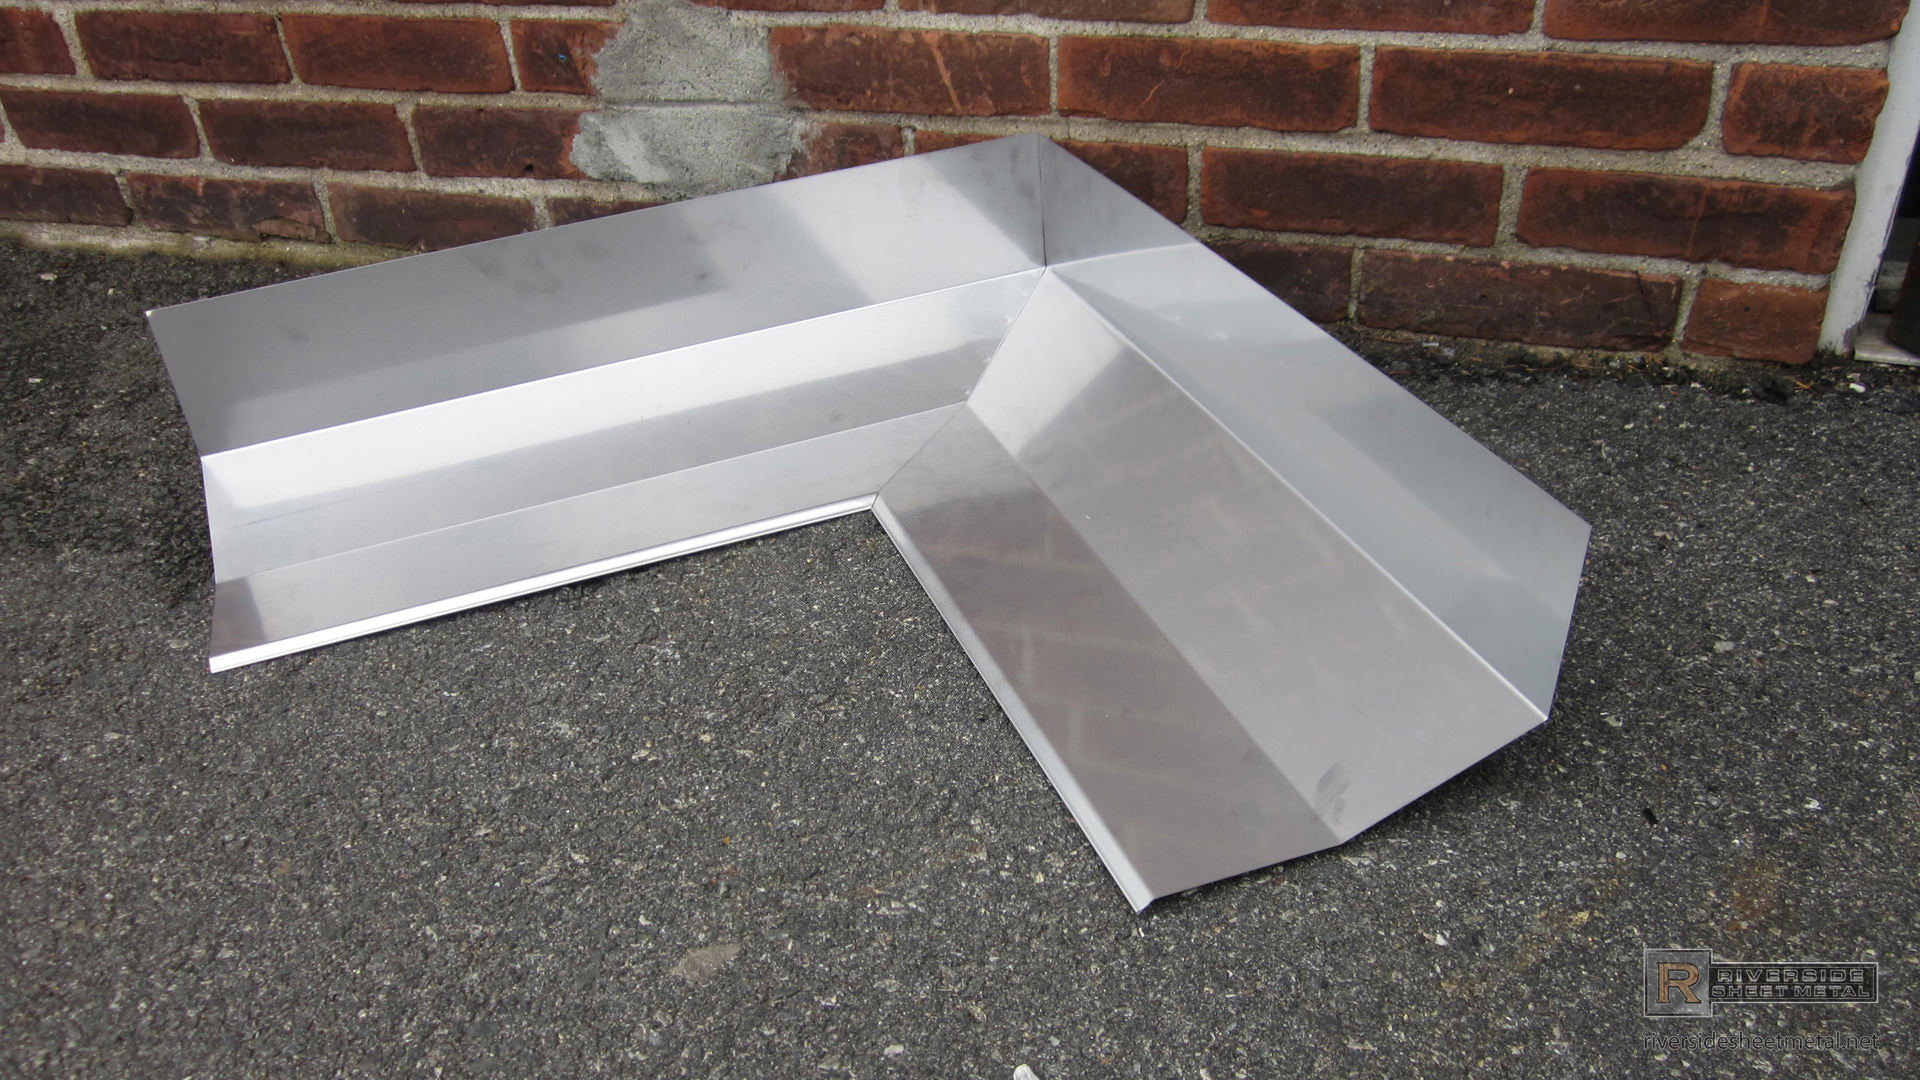 Stainless Steel Metal Flashing : Through wall masonry flashing metal copper stainless steel